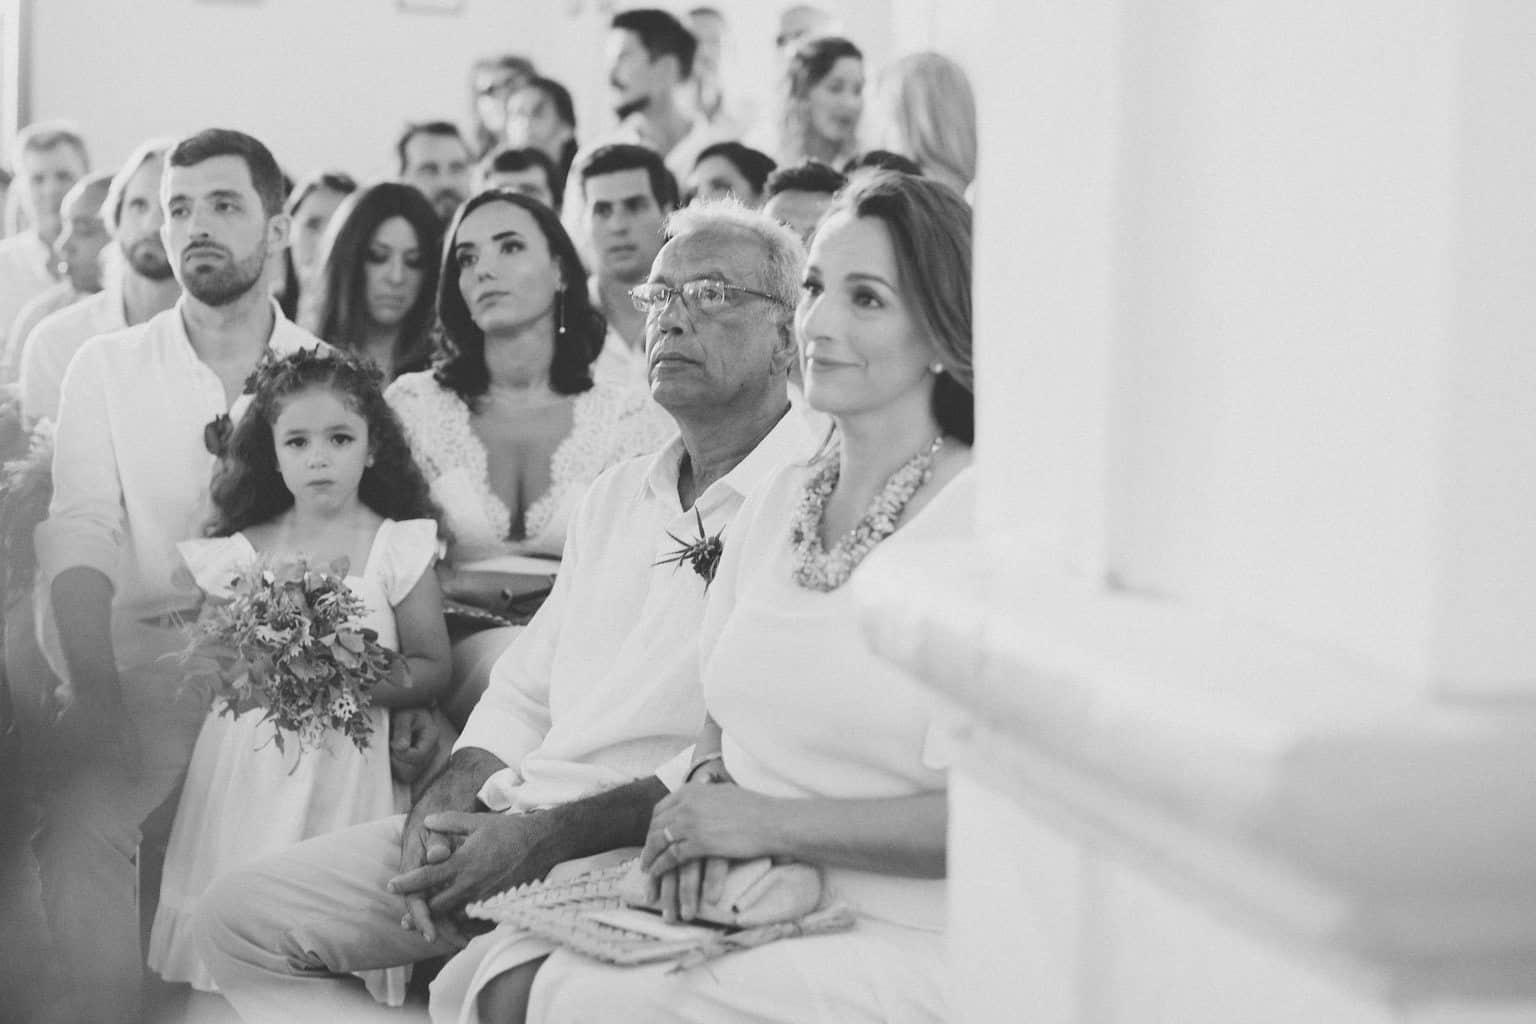 casamento-Danielle-e-Guilherme-aloha-fotografia-caseme-89